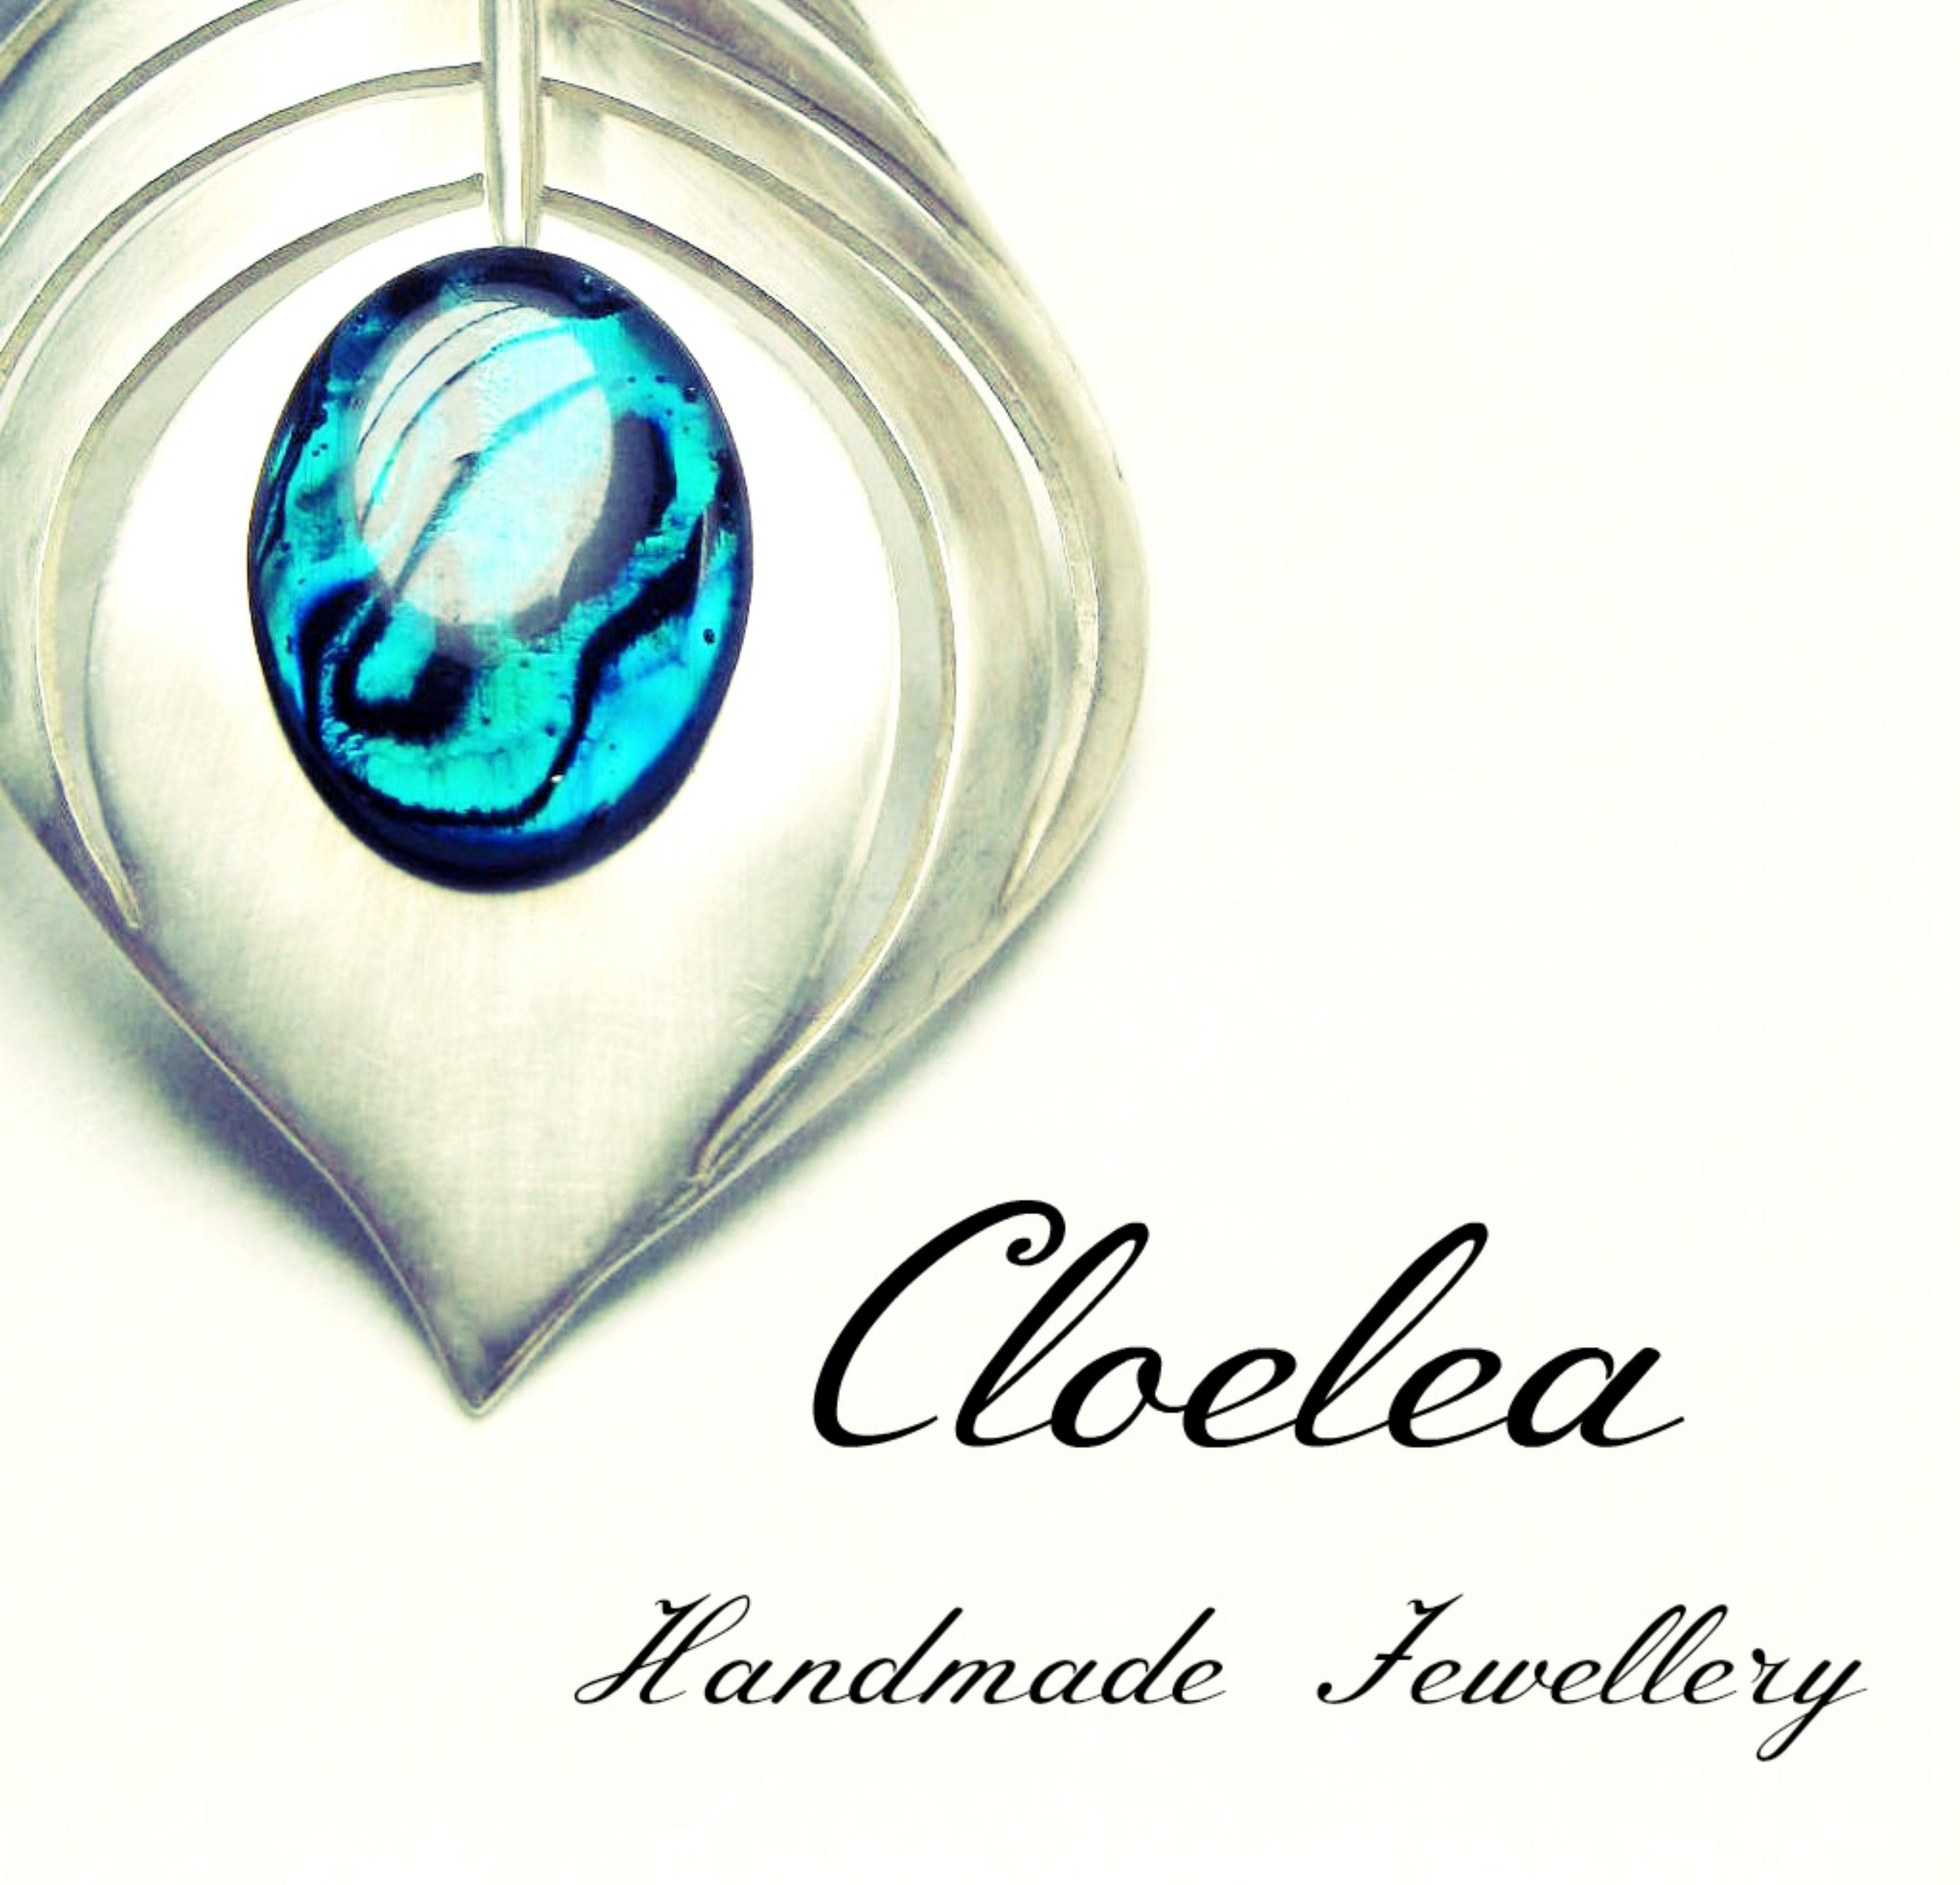 Cloelea Jewellery